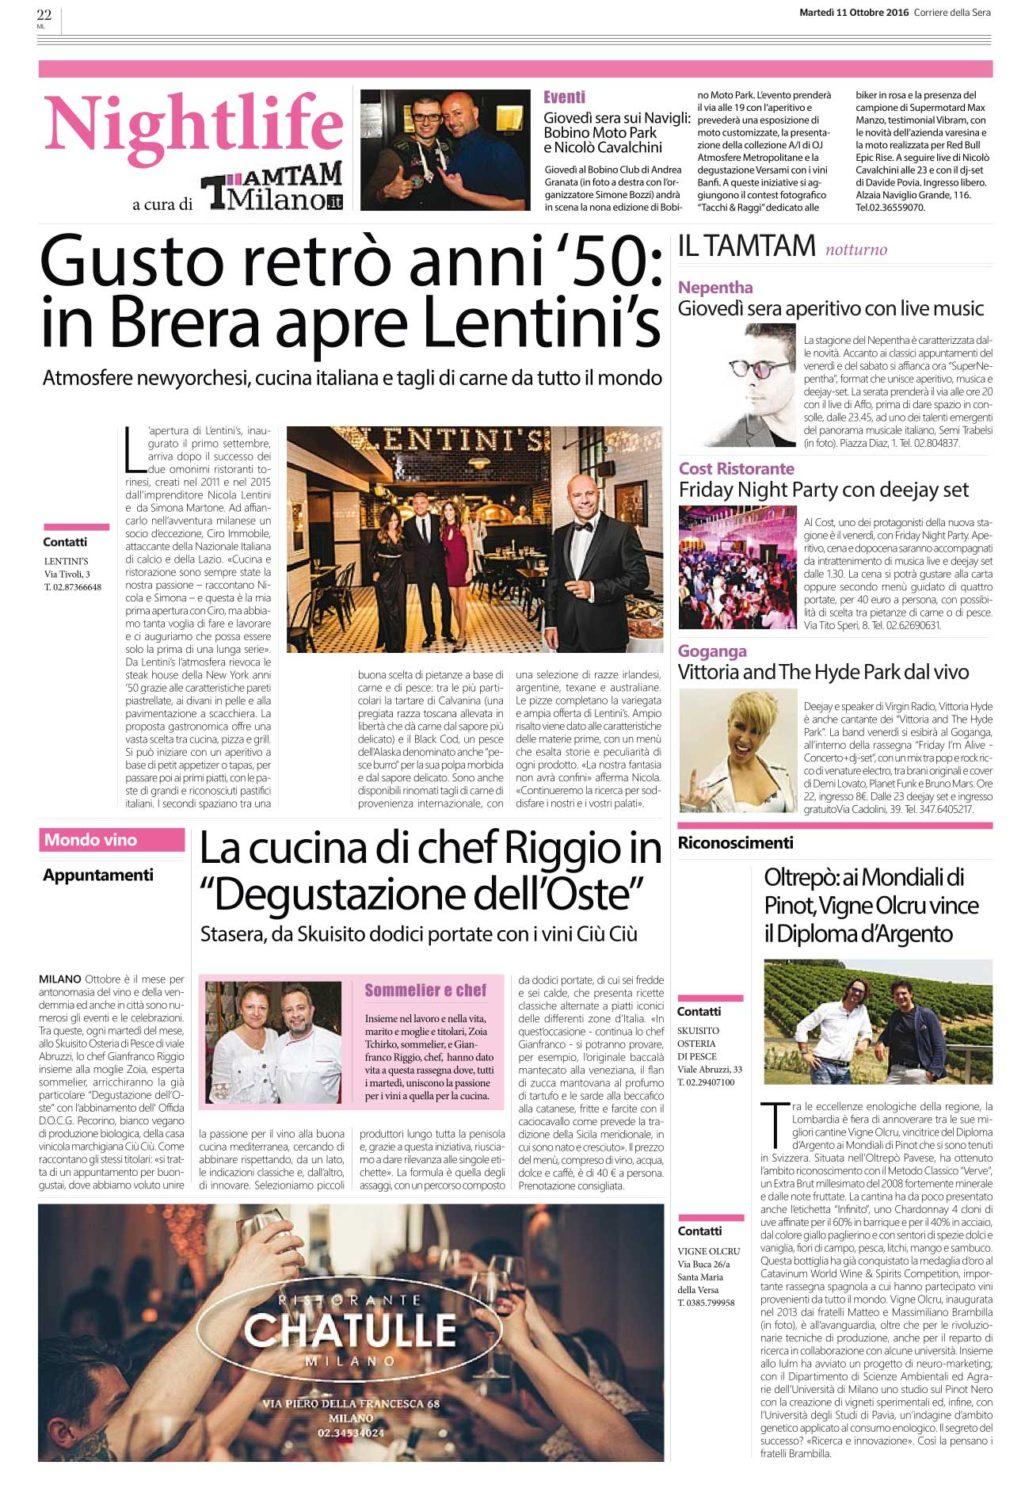 Corriere 11 ottobre 2016